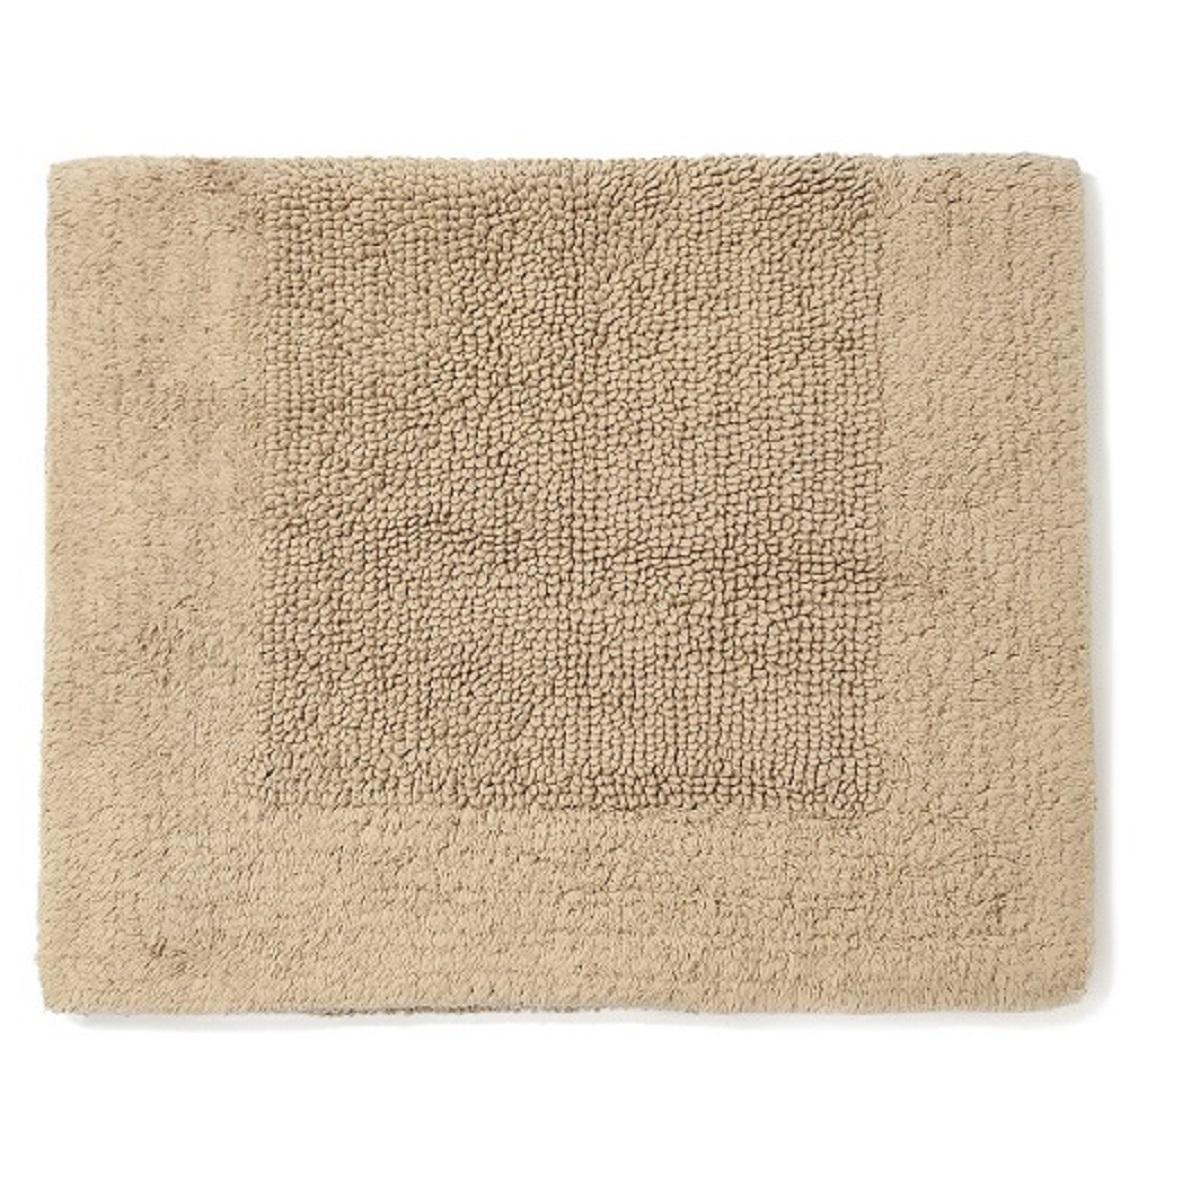 Коврики для ванной Элитный коврик для ванной Bamboo Sandstone от Kassatex elitnyy-kovrik-dlya-vannoy-bamboo-sandstone-ot-kassatex-ssha-kitay.jpg